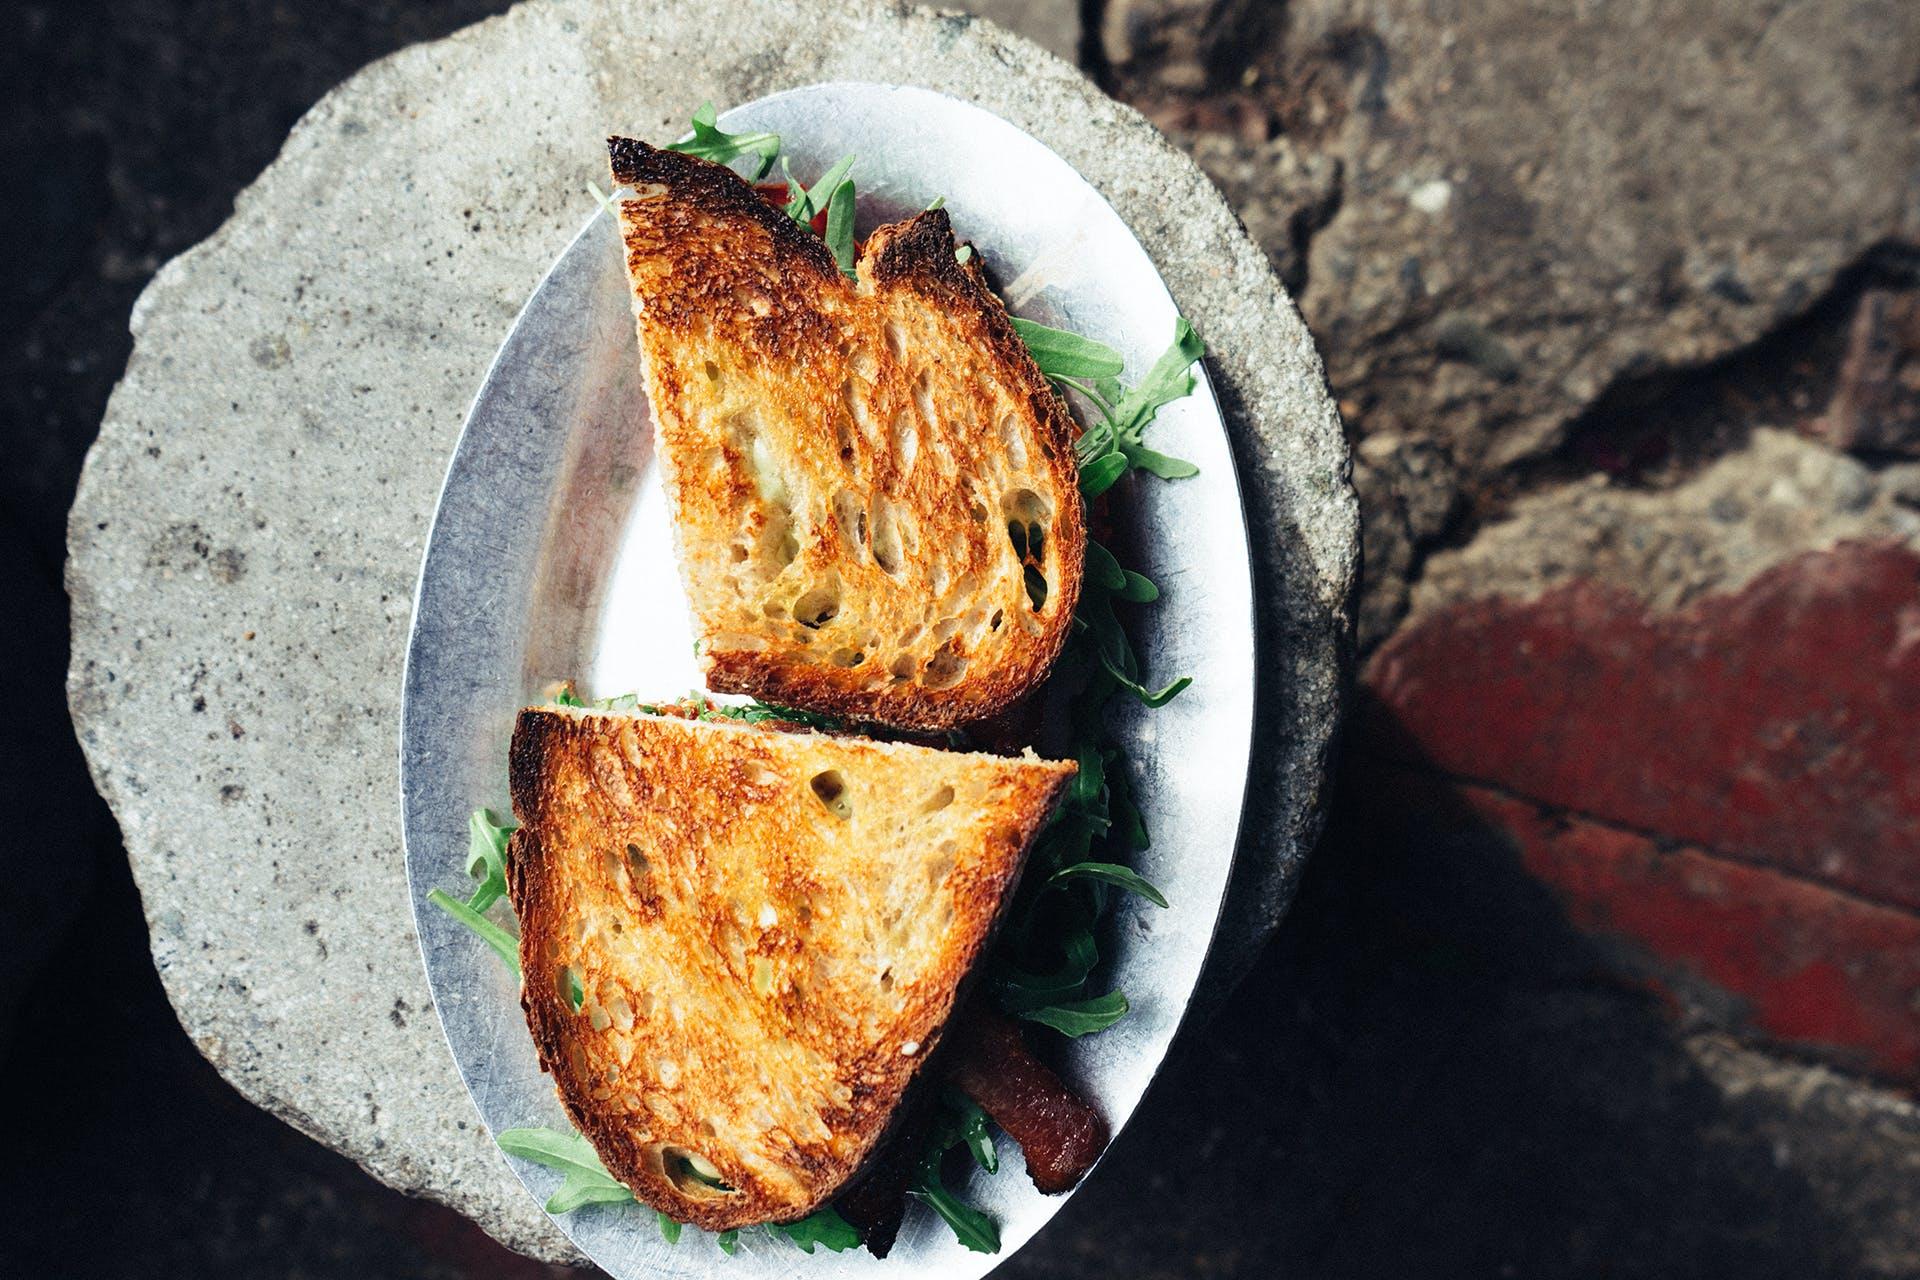 Slice Sandwich in Plate